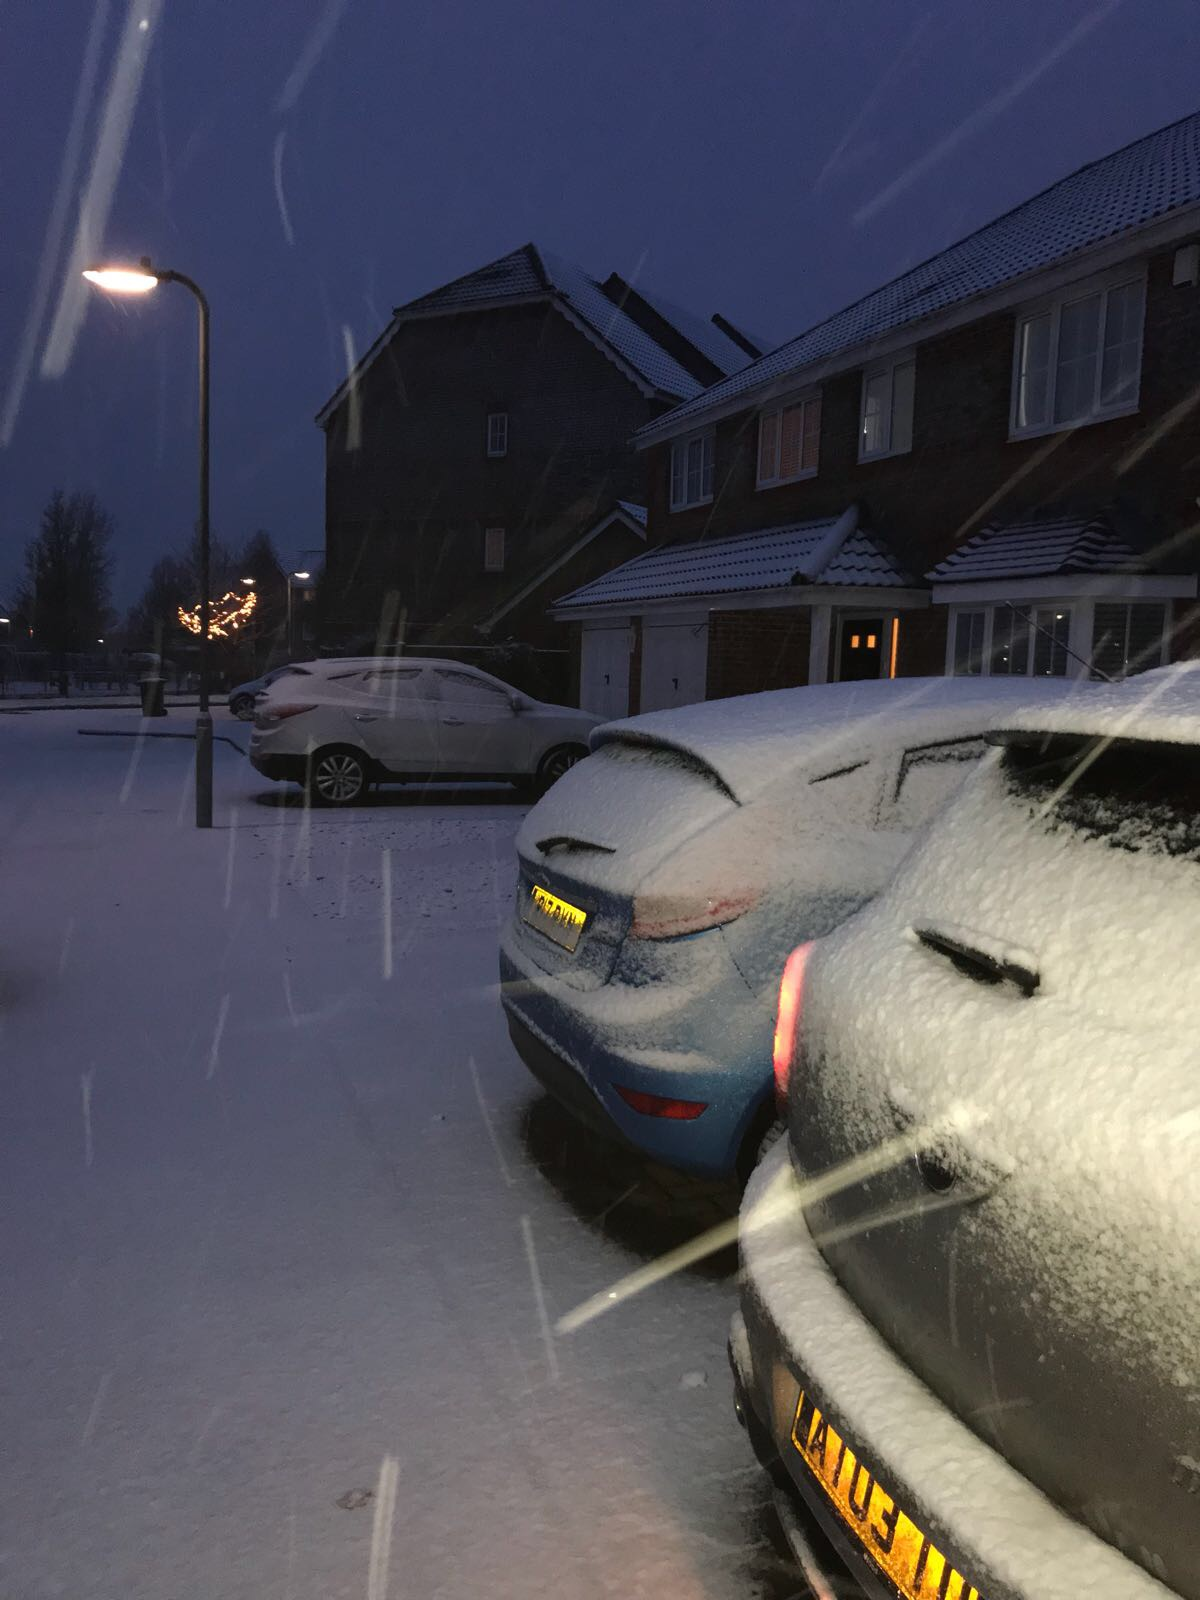 Snow in Basingstoke